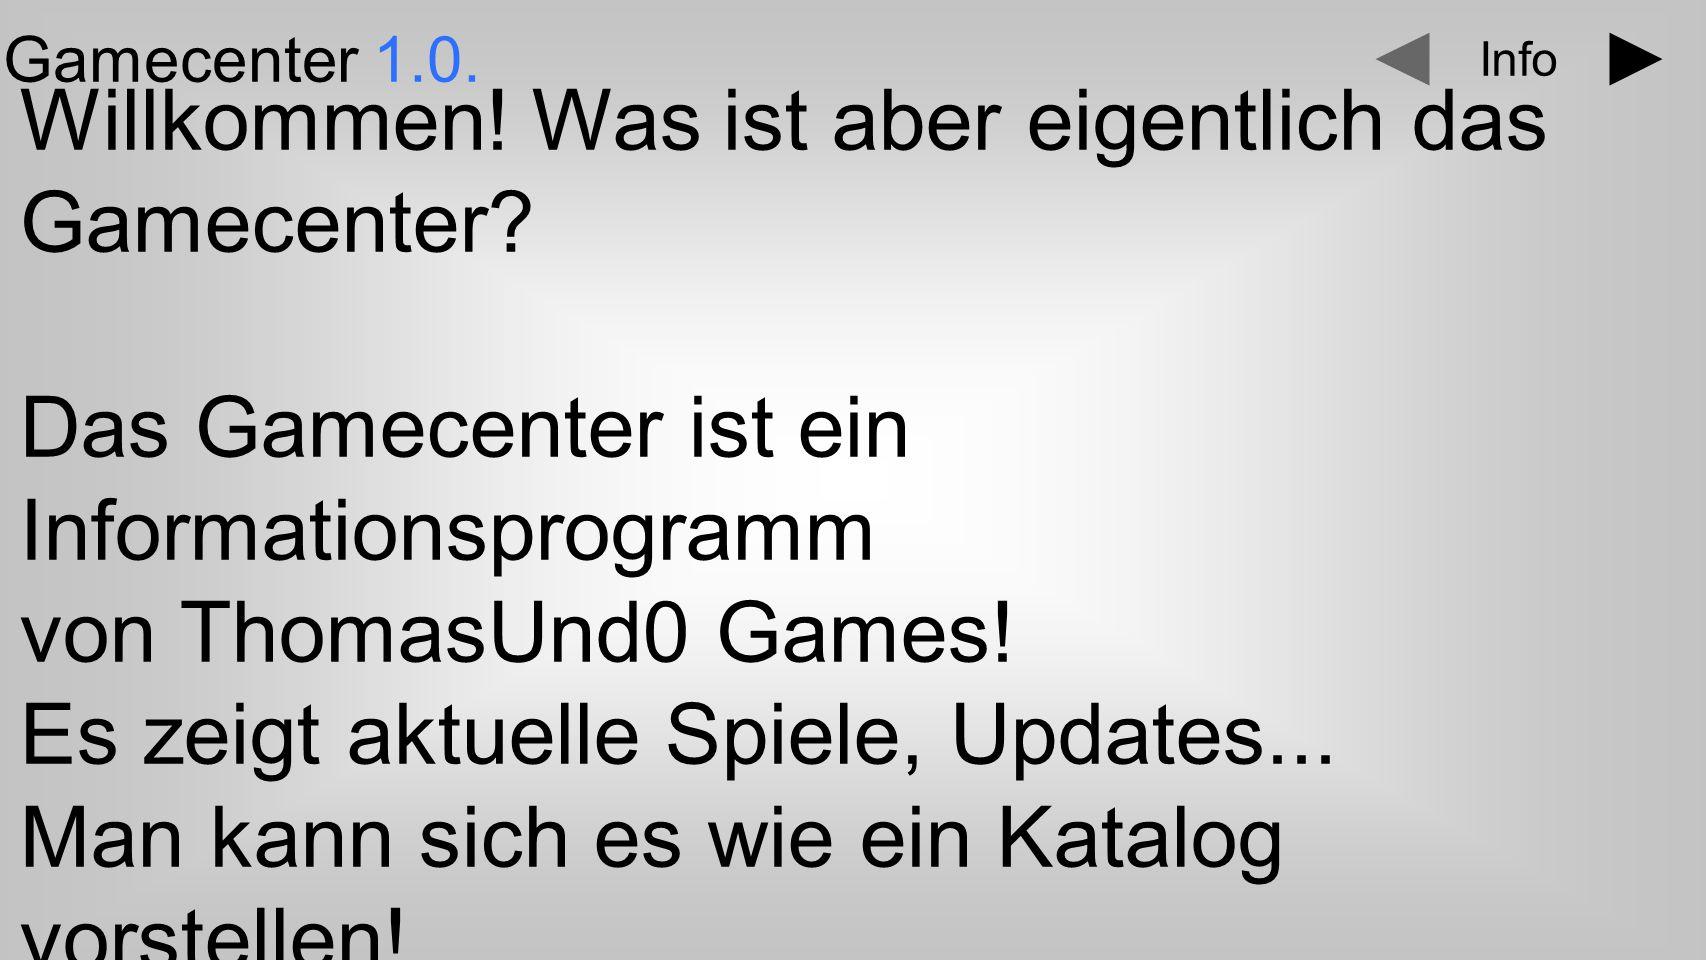 Text Gamecenter 1.0. Willkommen. Was ist aber eigentlich das Gamecenter.